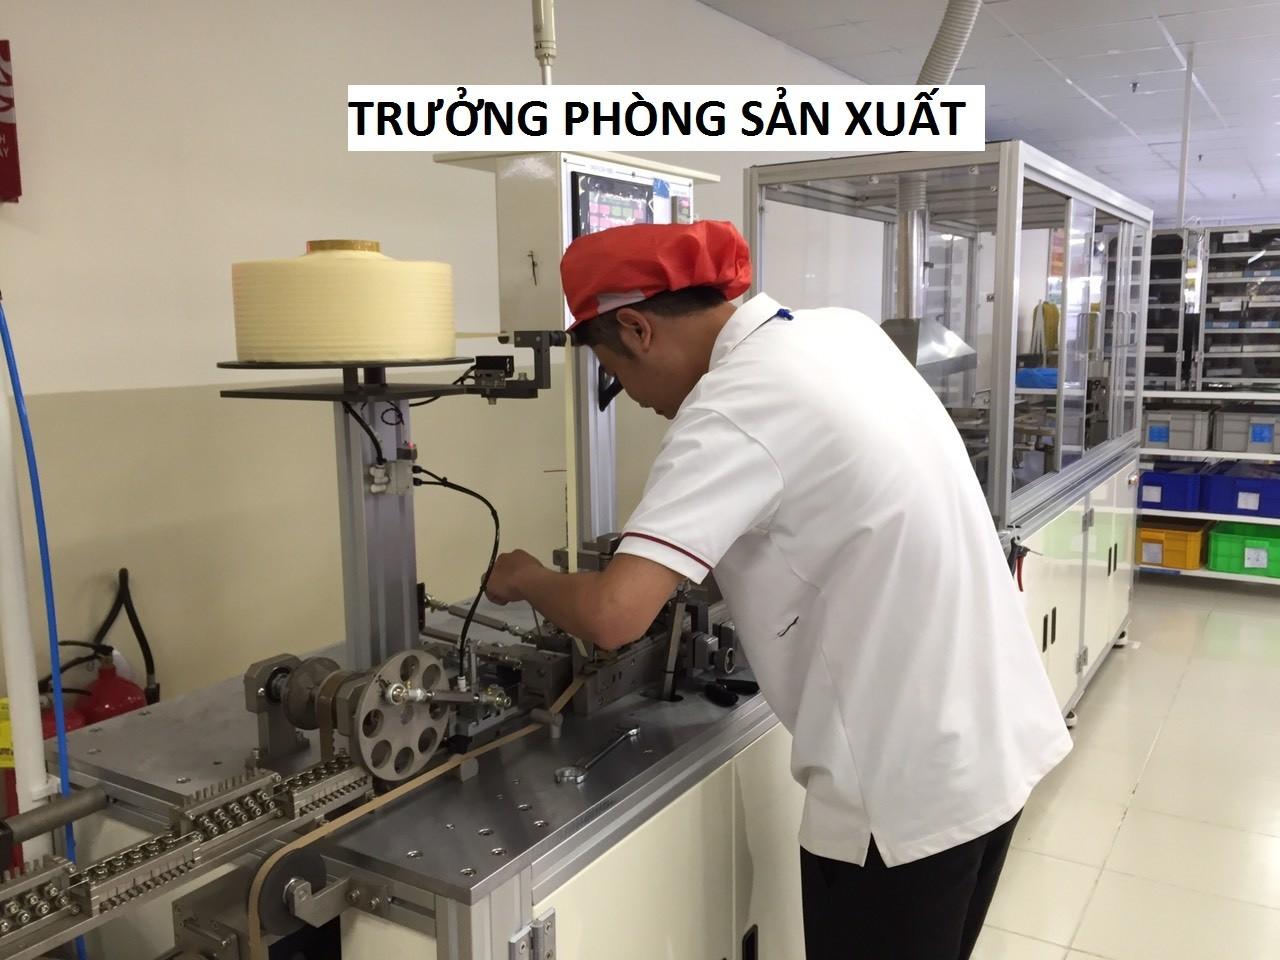 [SEMITEC] TRƯỞNG PHÒNG SẢN XUẤT